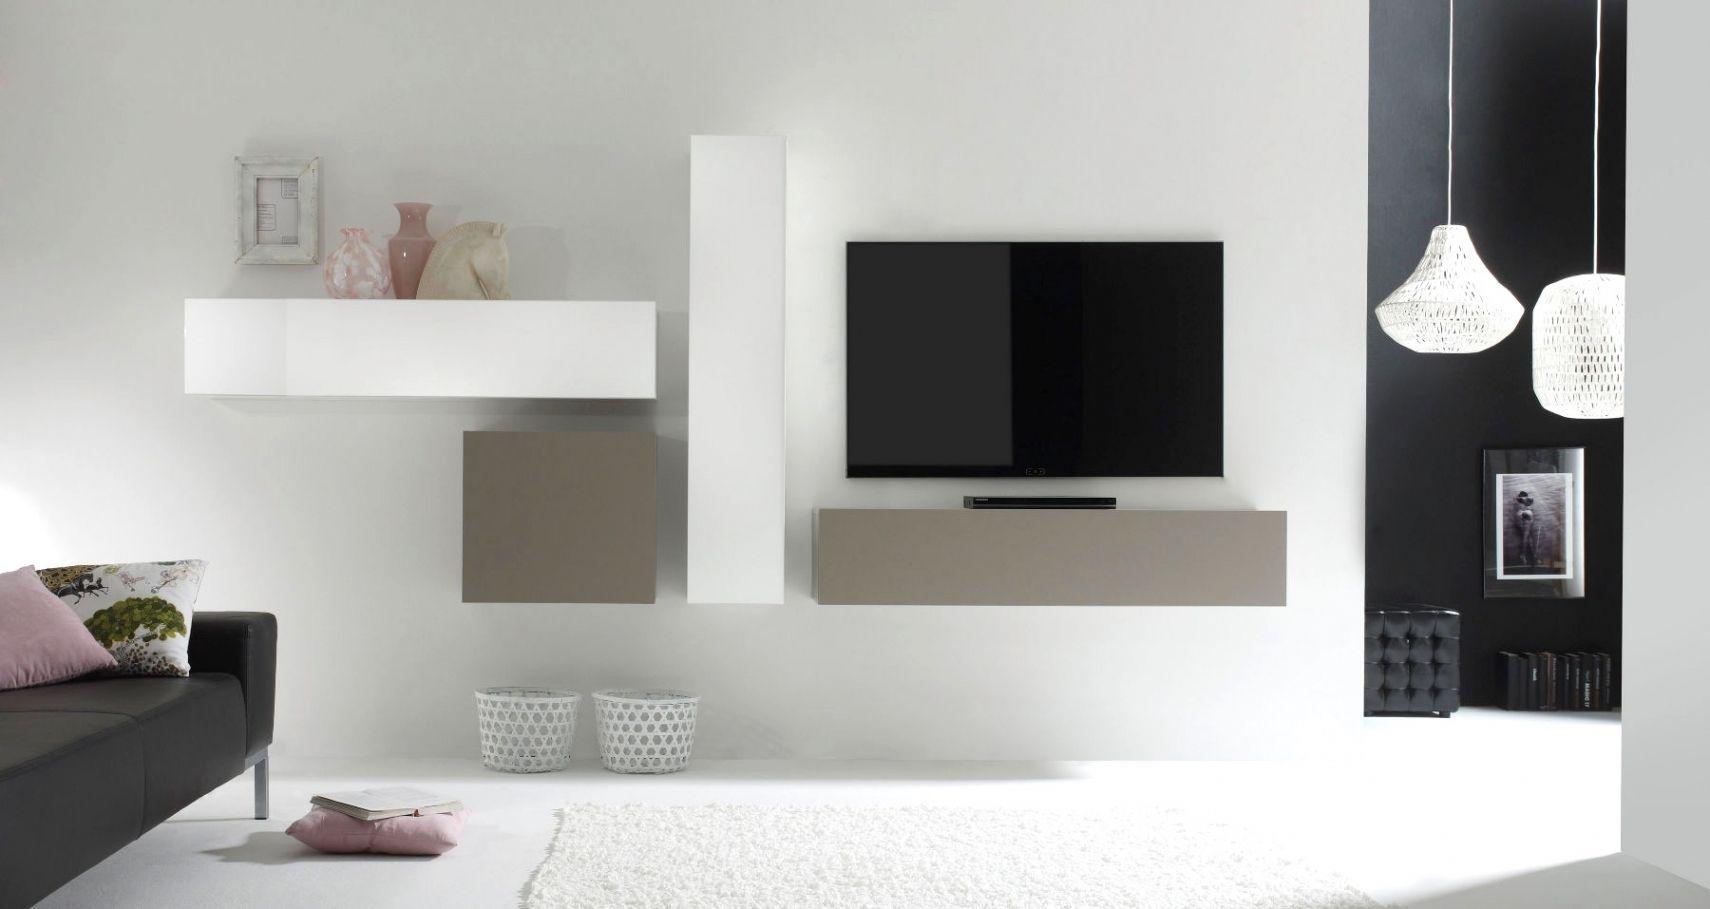 Wohnzimmermöbel günstig ~ So könnt ihr euer zuhause günstig verschönern günstig zuhause